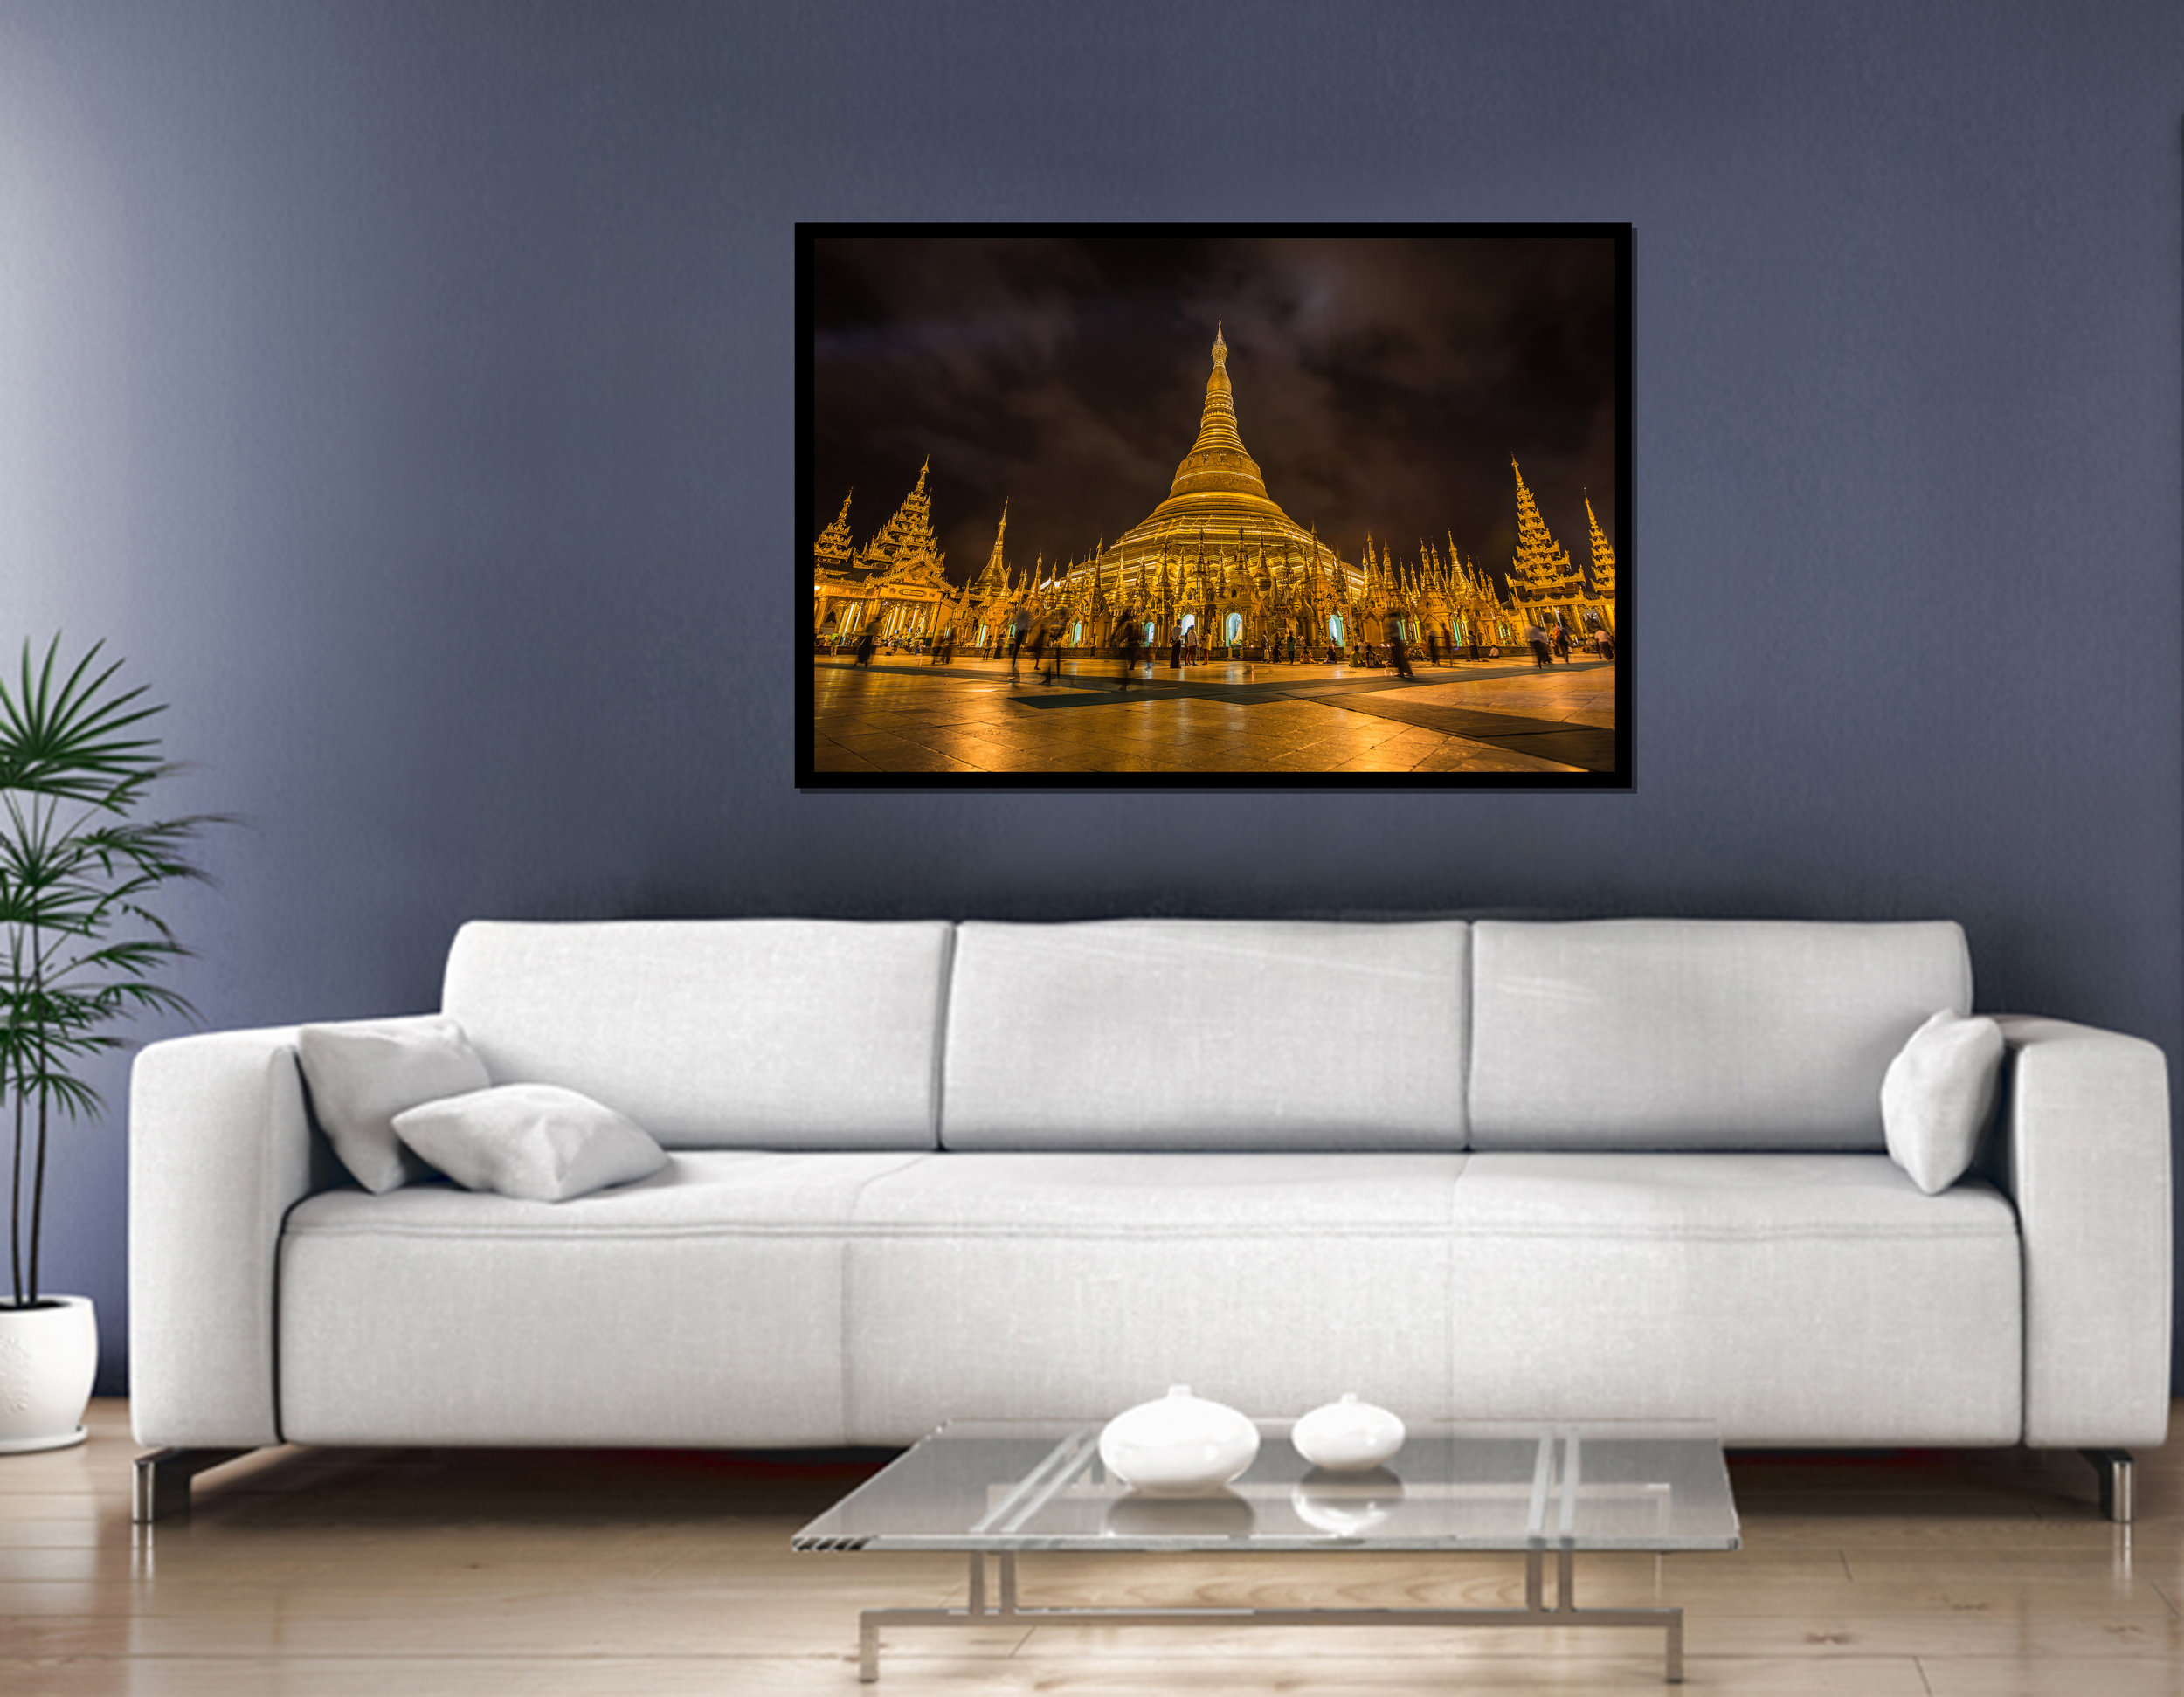 RE_livingroom_FramePagoda.jpg